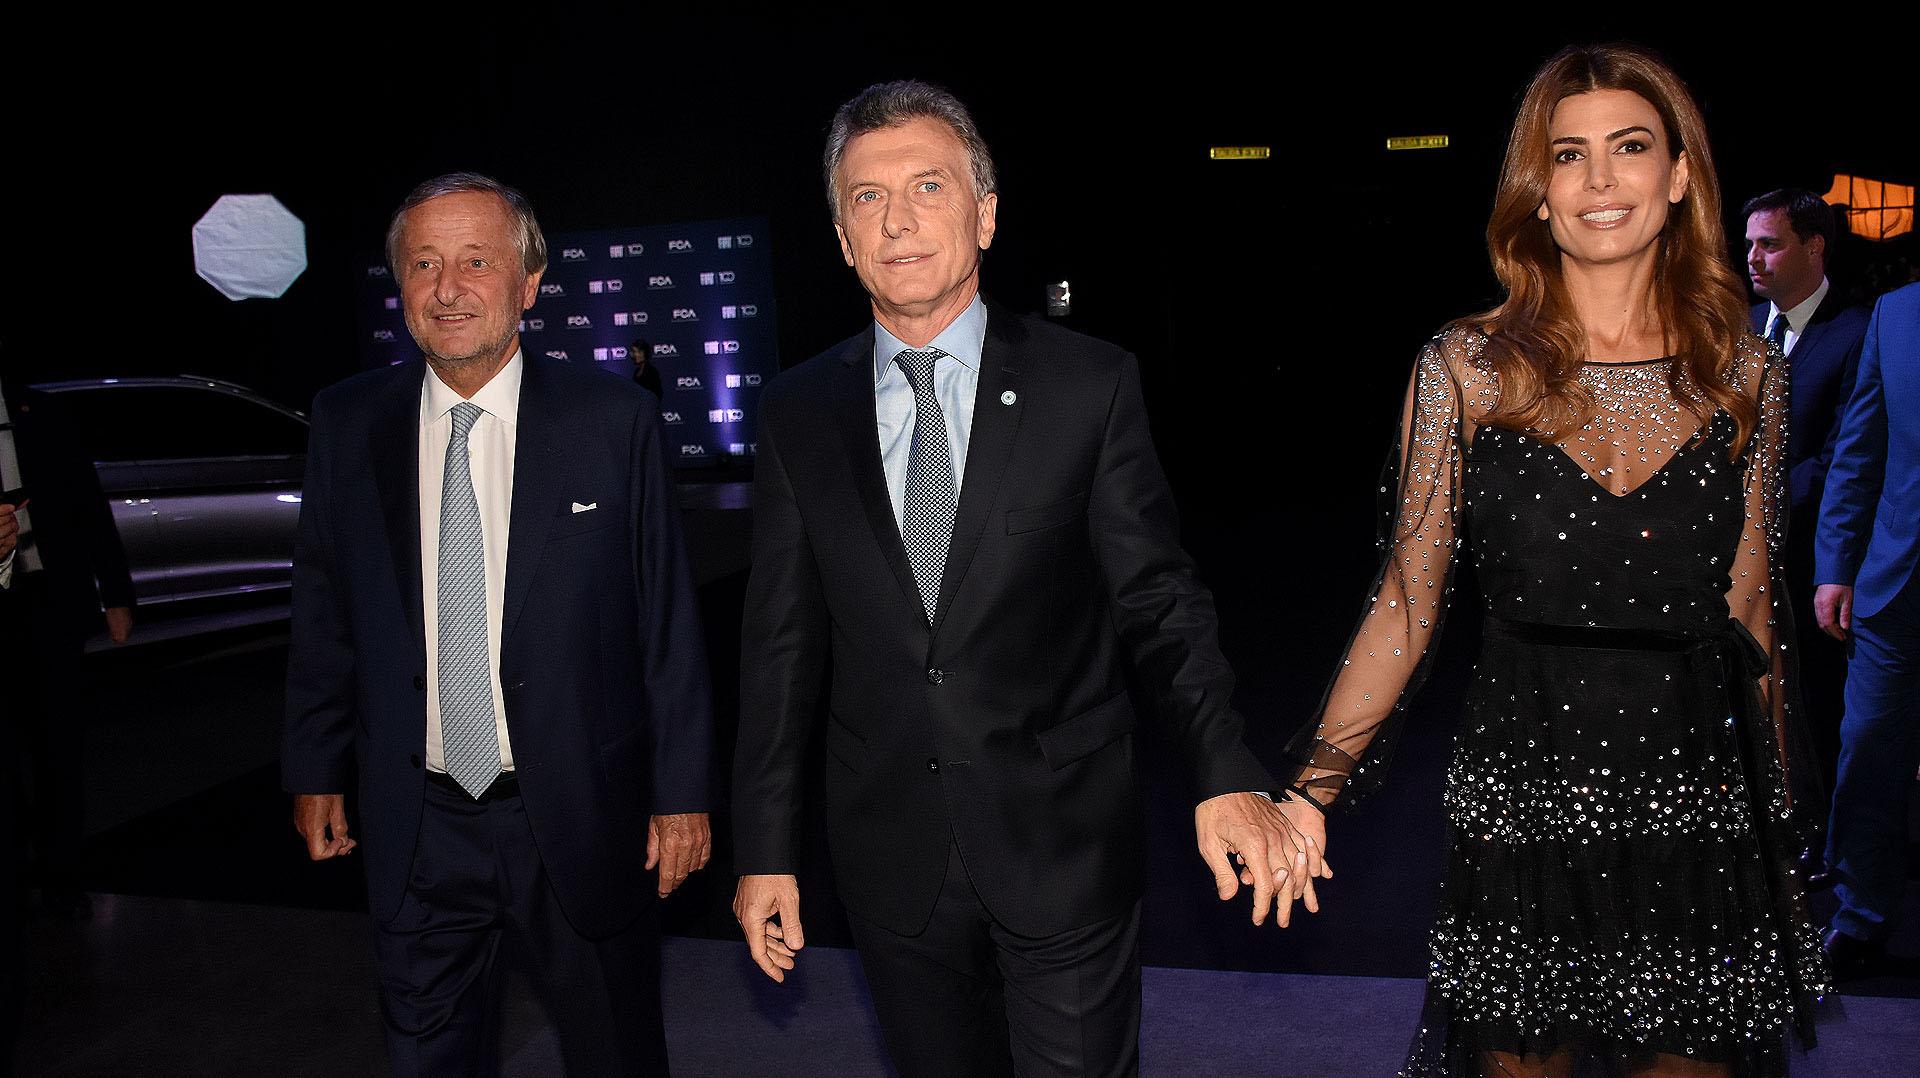 La llegada del presidente Mauricio Macri y la primera dama, Juliana Awada, a la cena conmemorativa por los 100 años de Fiat en la Argentina, donde fueron recibidos por Cristiano Rattazzi, presidente de Fiat Chrysler Automobiles (FCA) Argentina